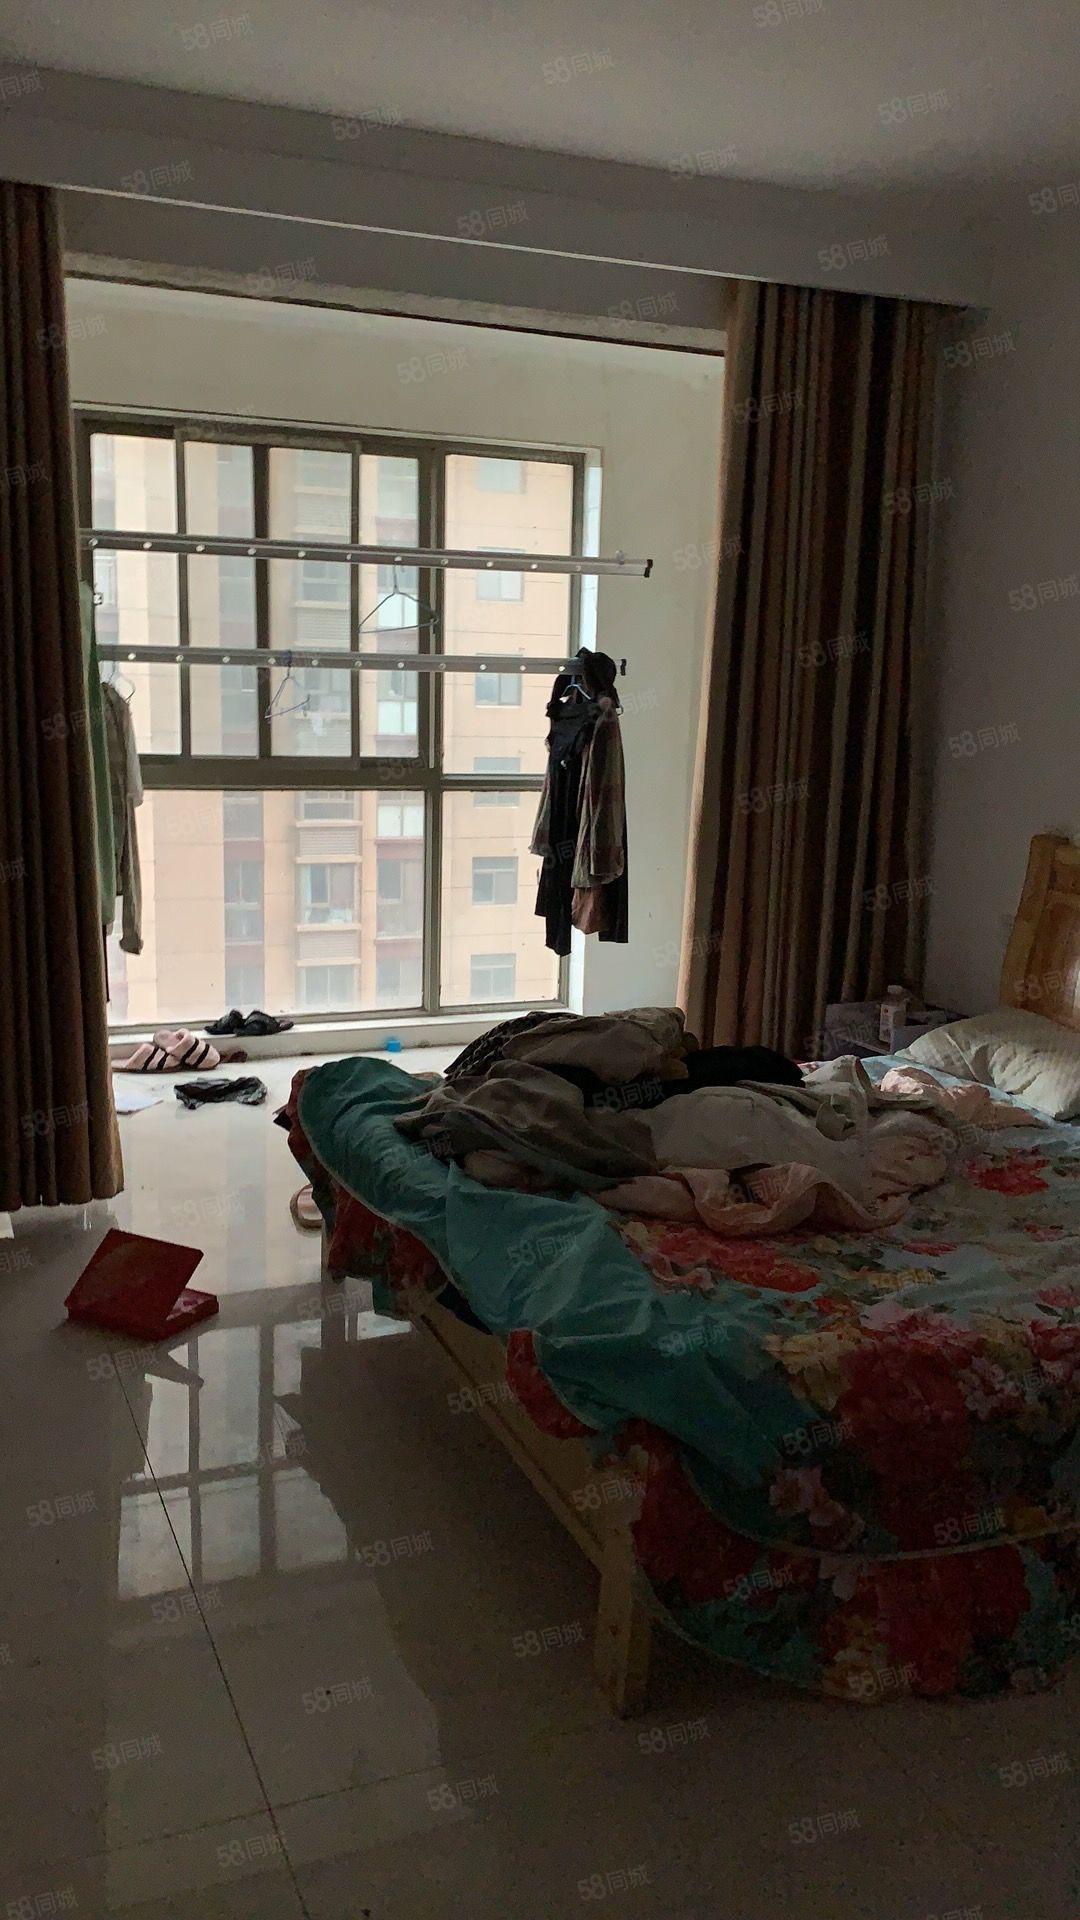 急租繁华地段晶宫小学旁位置好3房设备齐全拎包即住